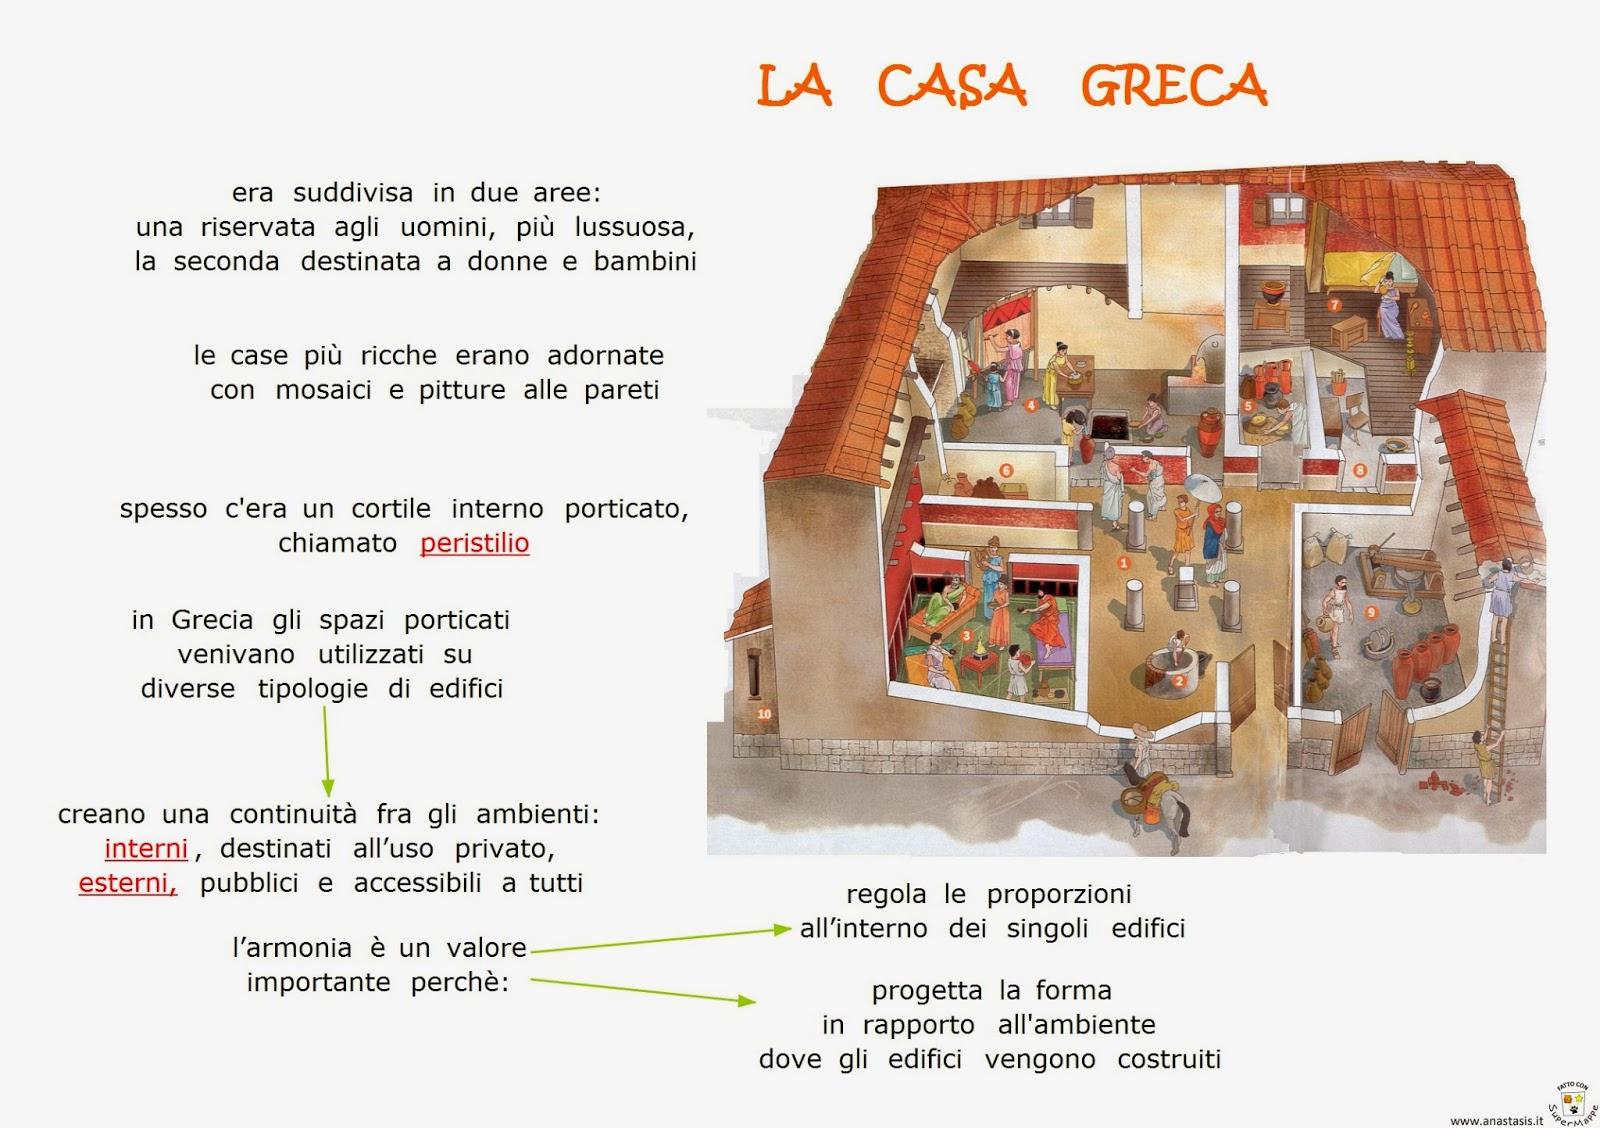 Paradiso delle mappe arte greca la casa greca for 1 casa di storia